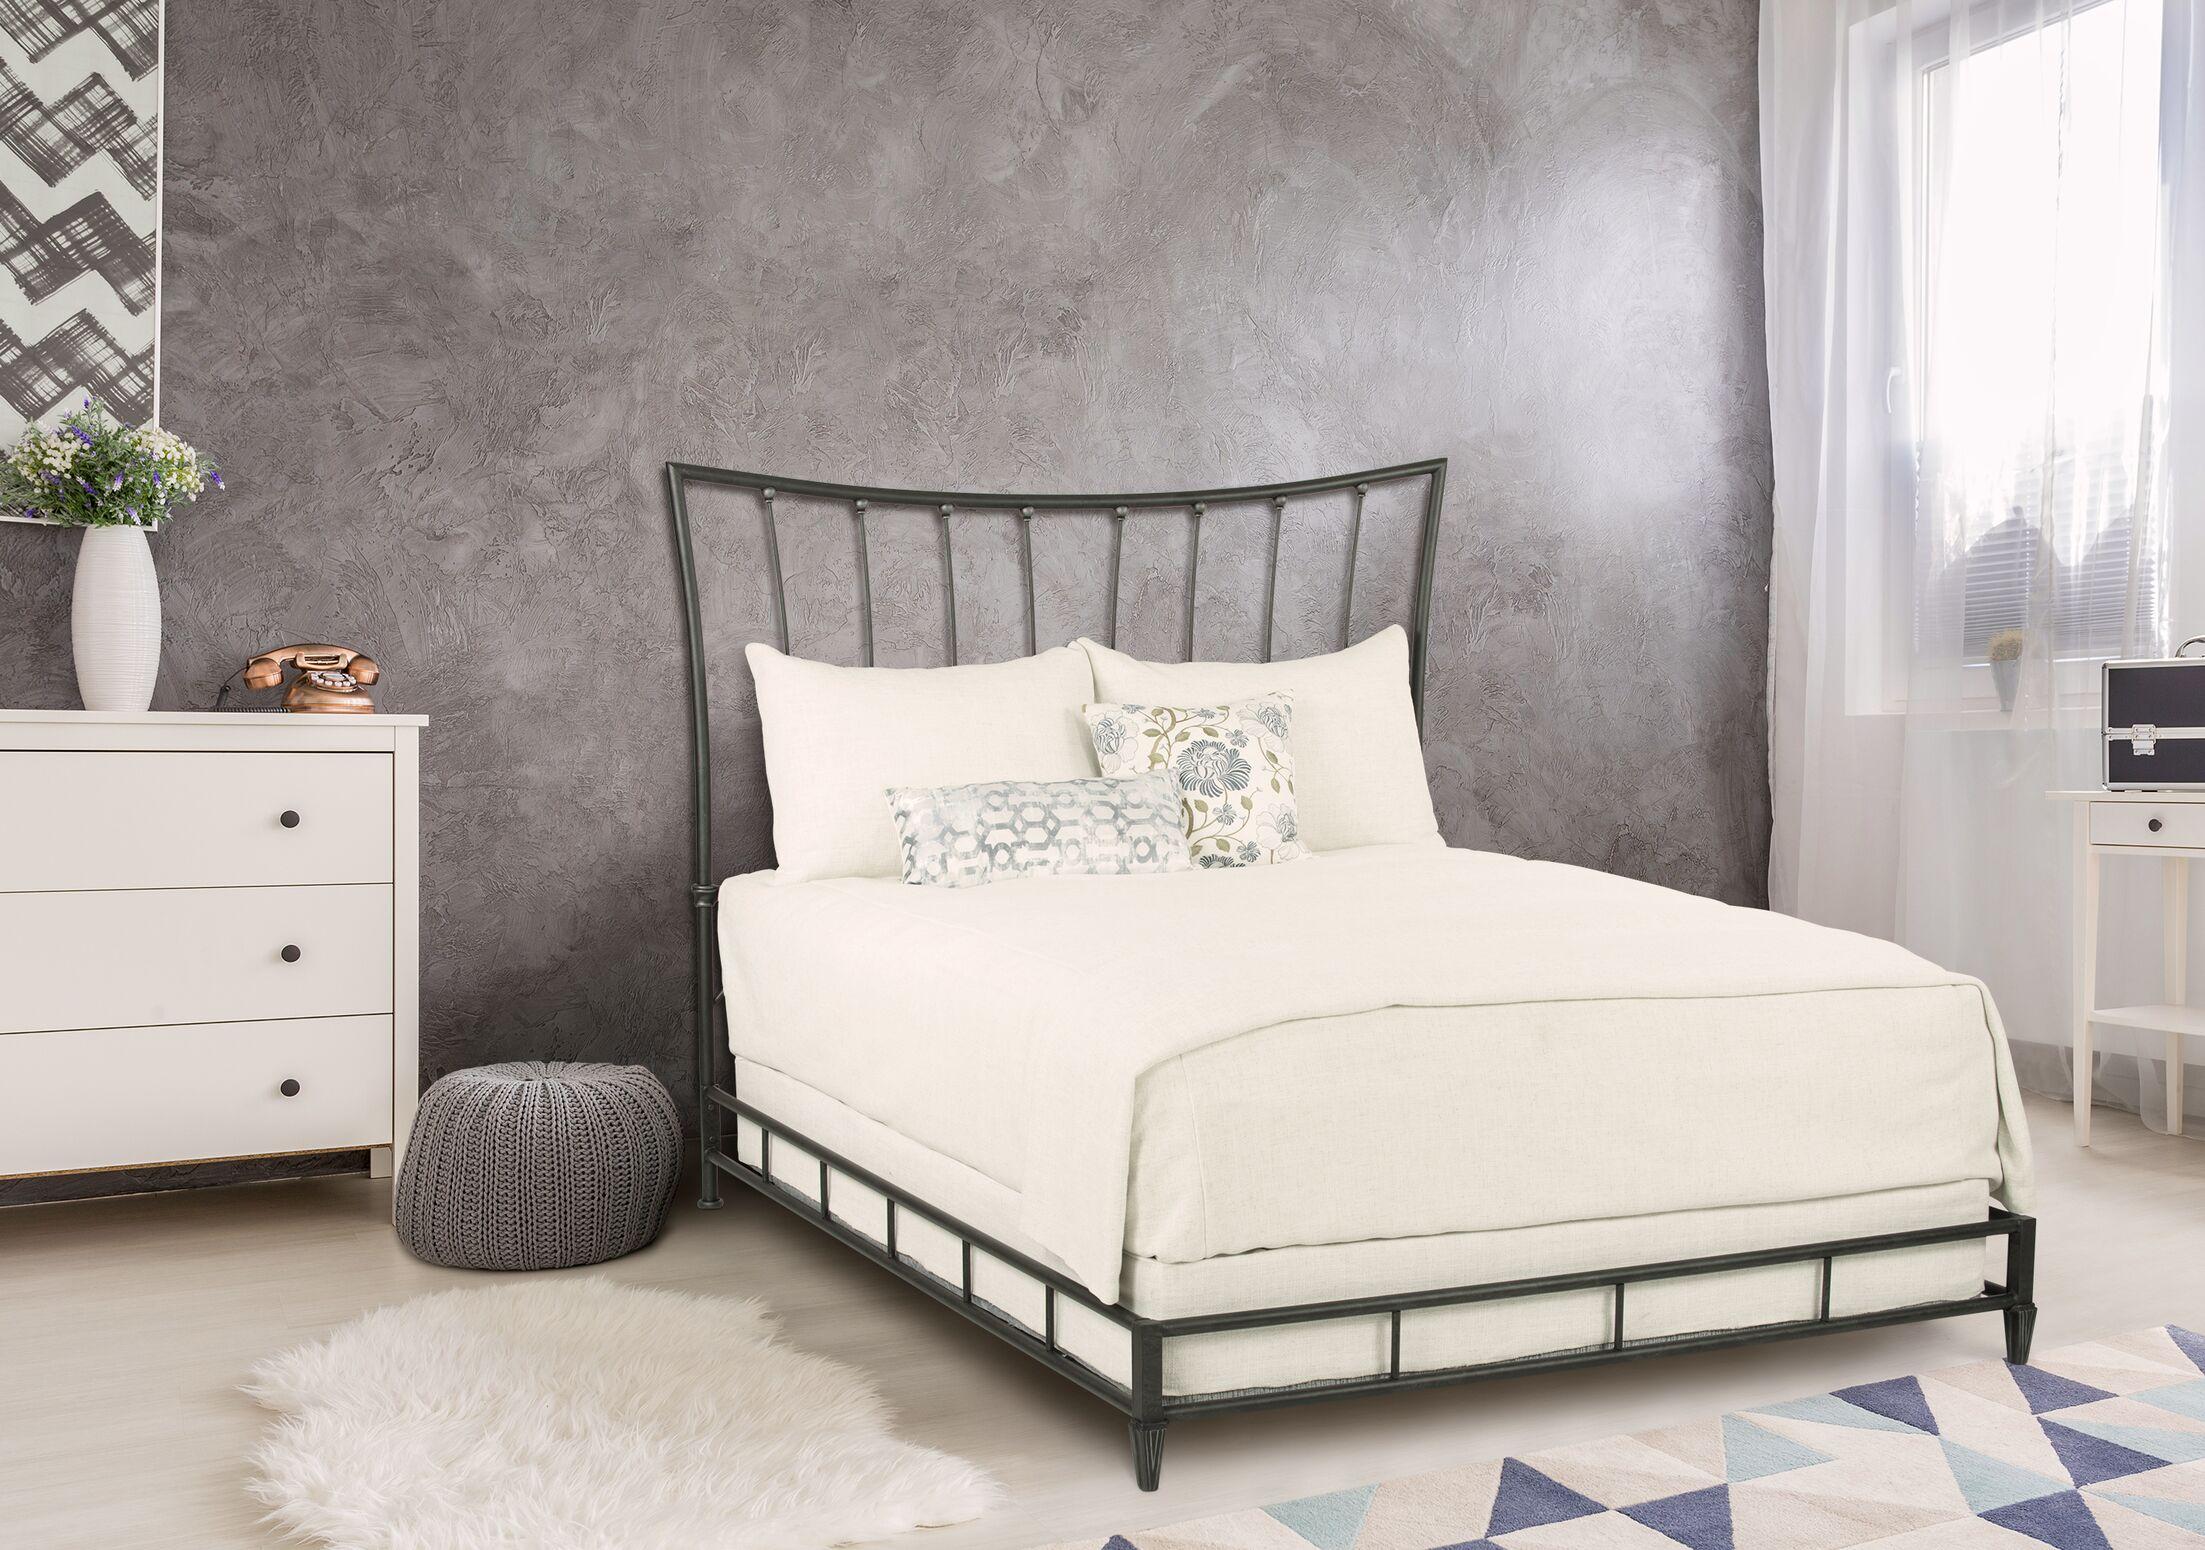 Jordan-La Platform Bed Size: Queen